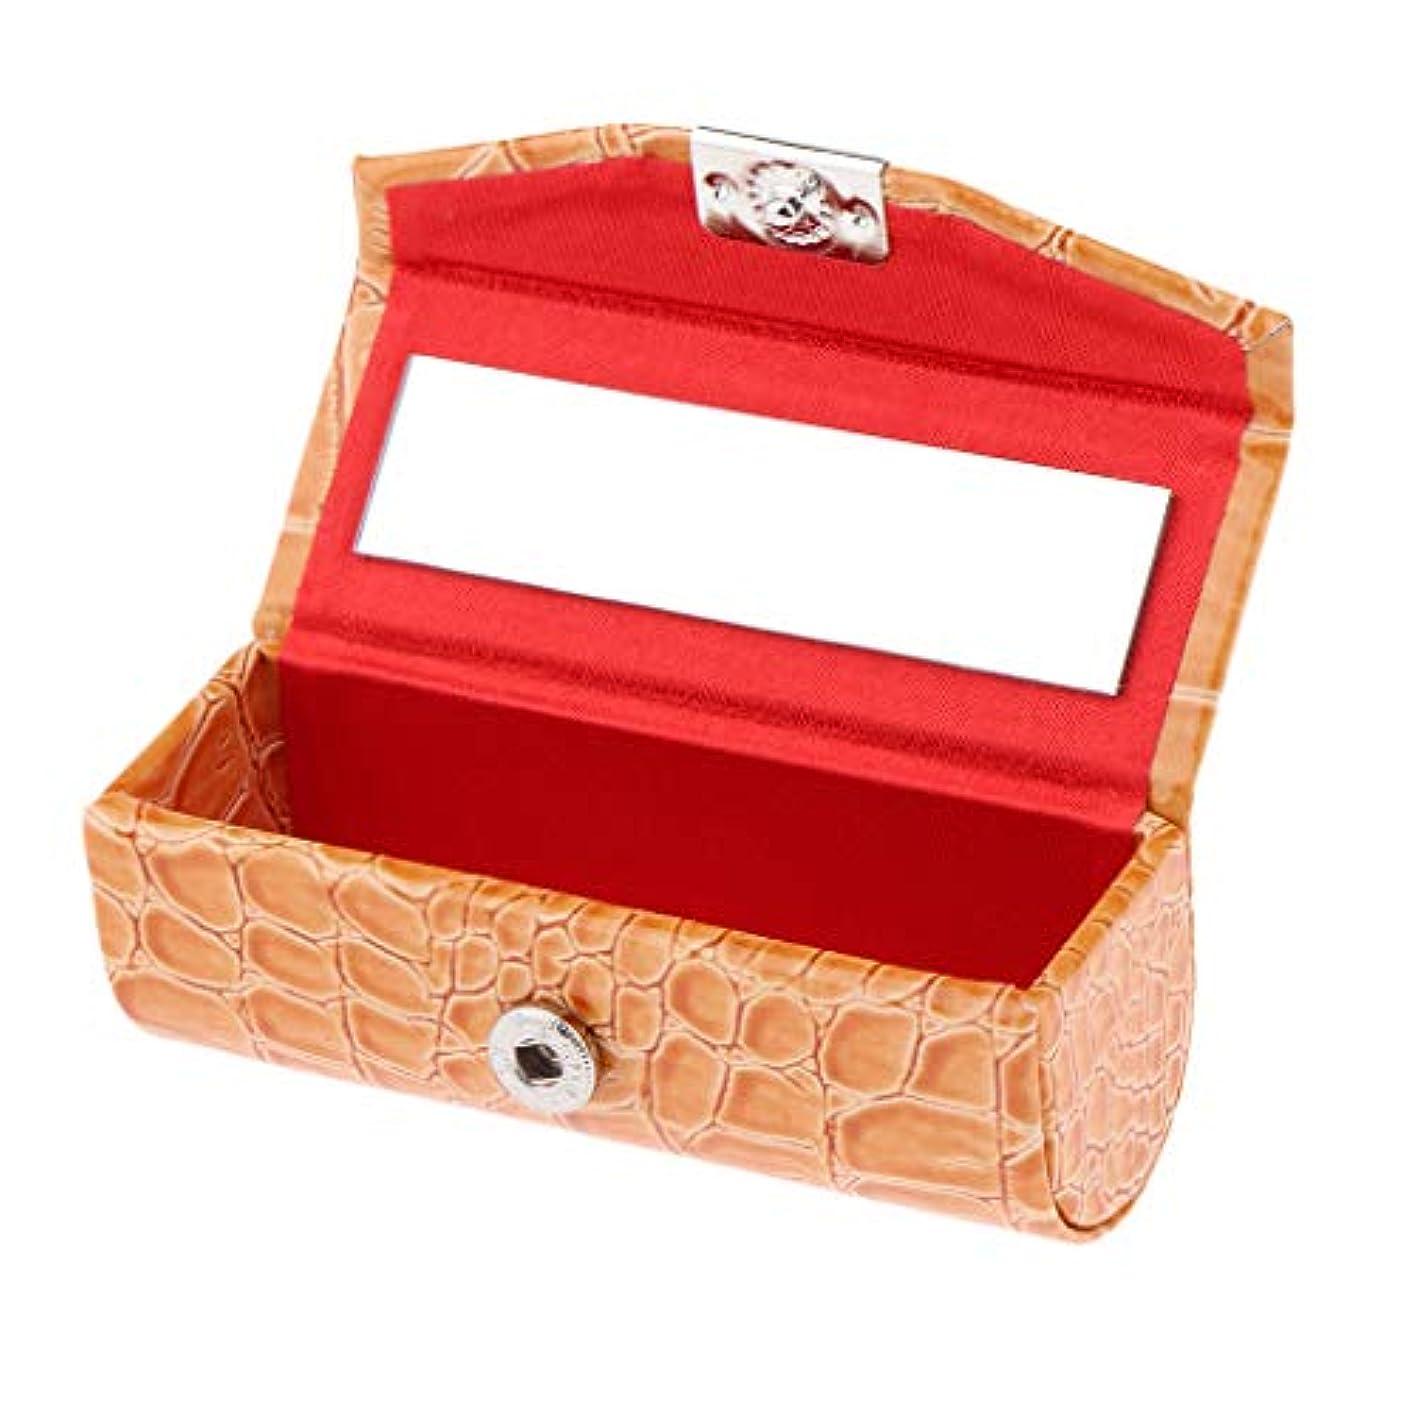 採用するガソリン娯楽F Fityle リップスティックケース 口紅 ホルダー レザー 財布 ミラー 収納ボックス 多色選べ - オレンジ